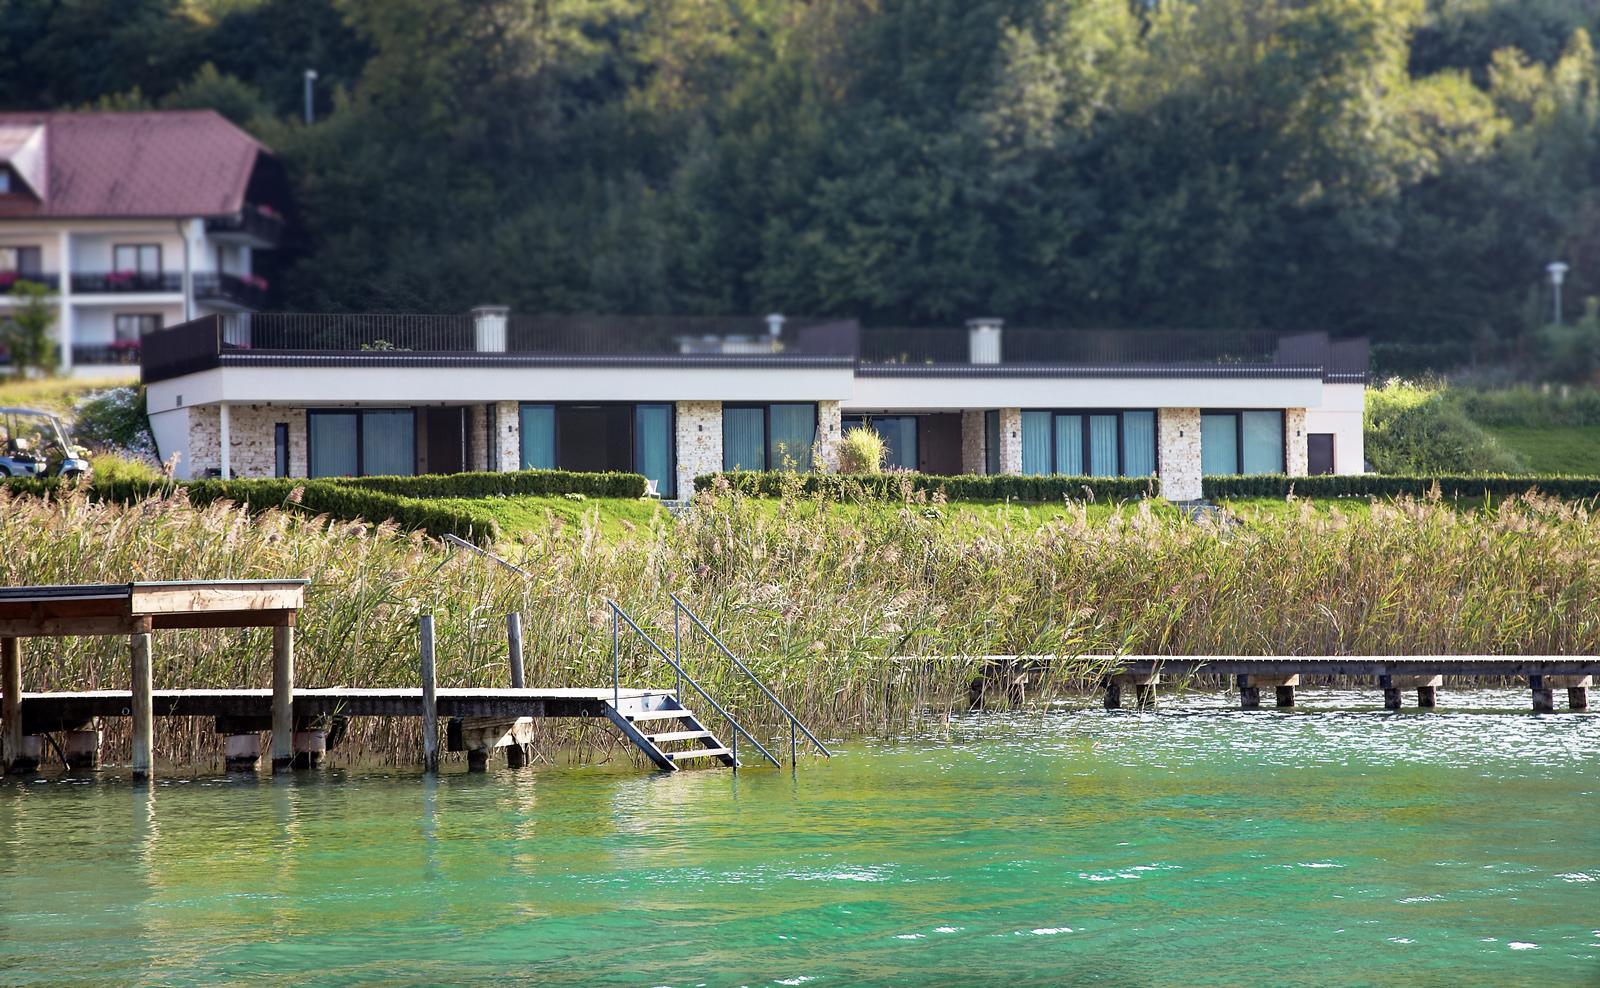 hotel-linde-woerthersee-seehaus-11 2.jpg